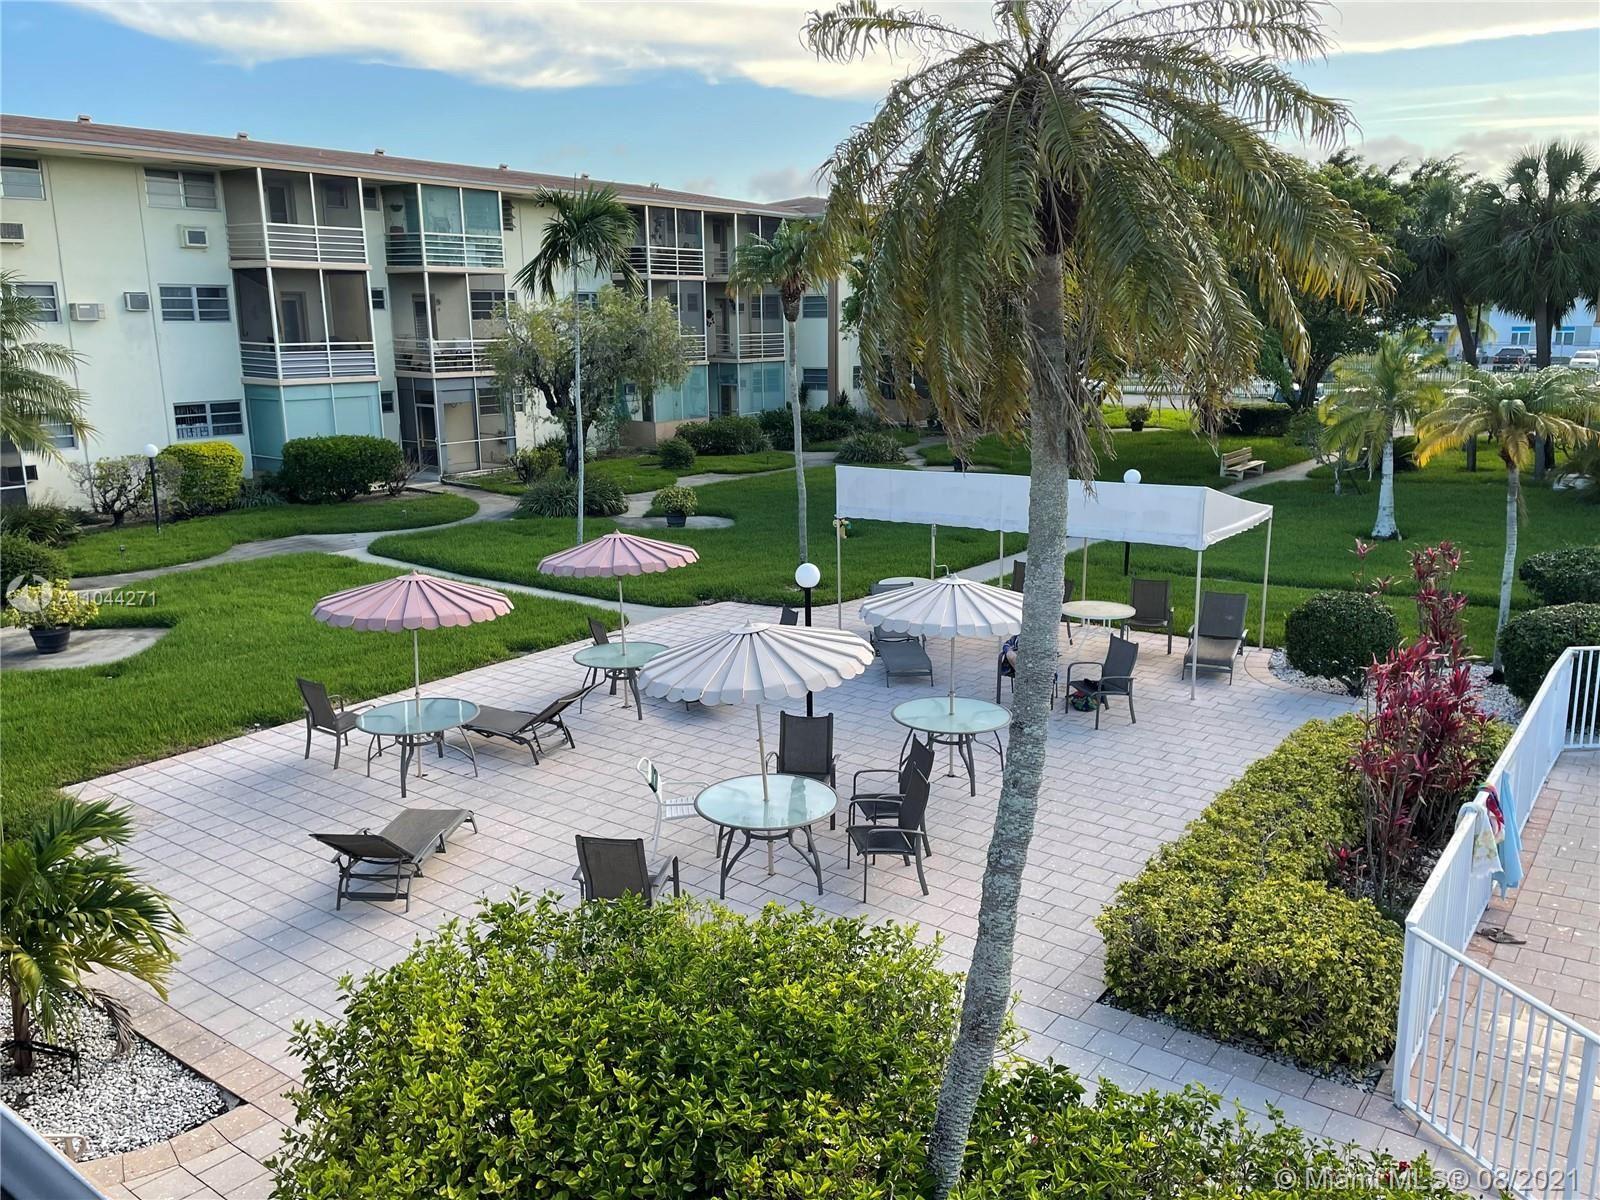 17050 NE 14th Ave #110, North Miami Beach, FL 33162 - #: A11044271